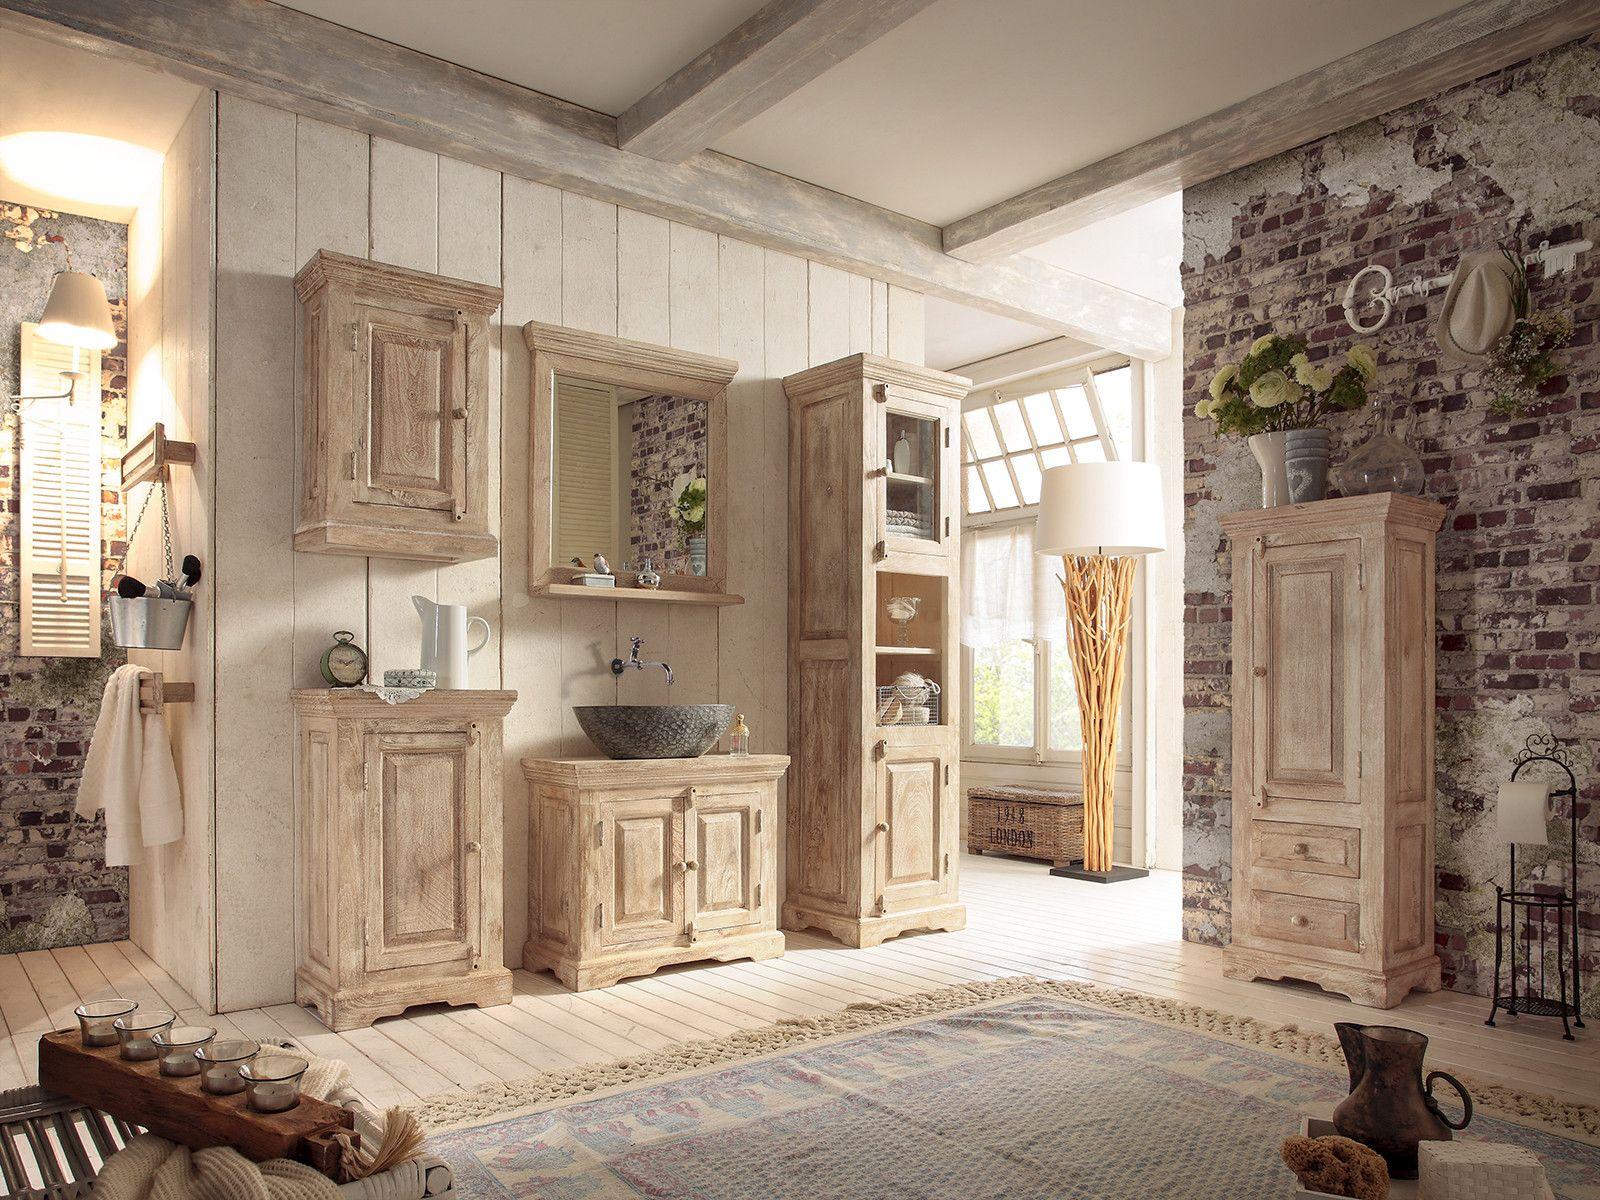 Midischrank badezimmer ~ Badezimmer gestalten natursteinwand badmöbel holz design bade t